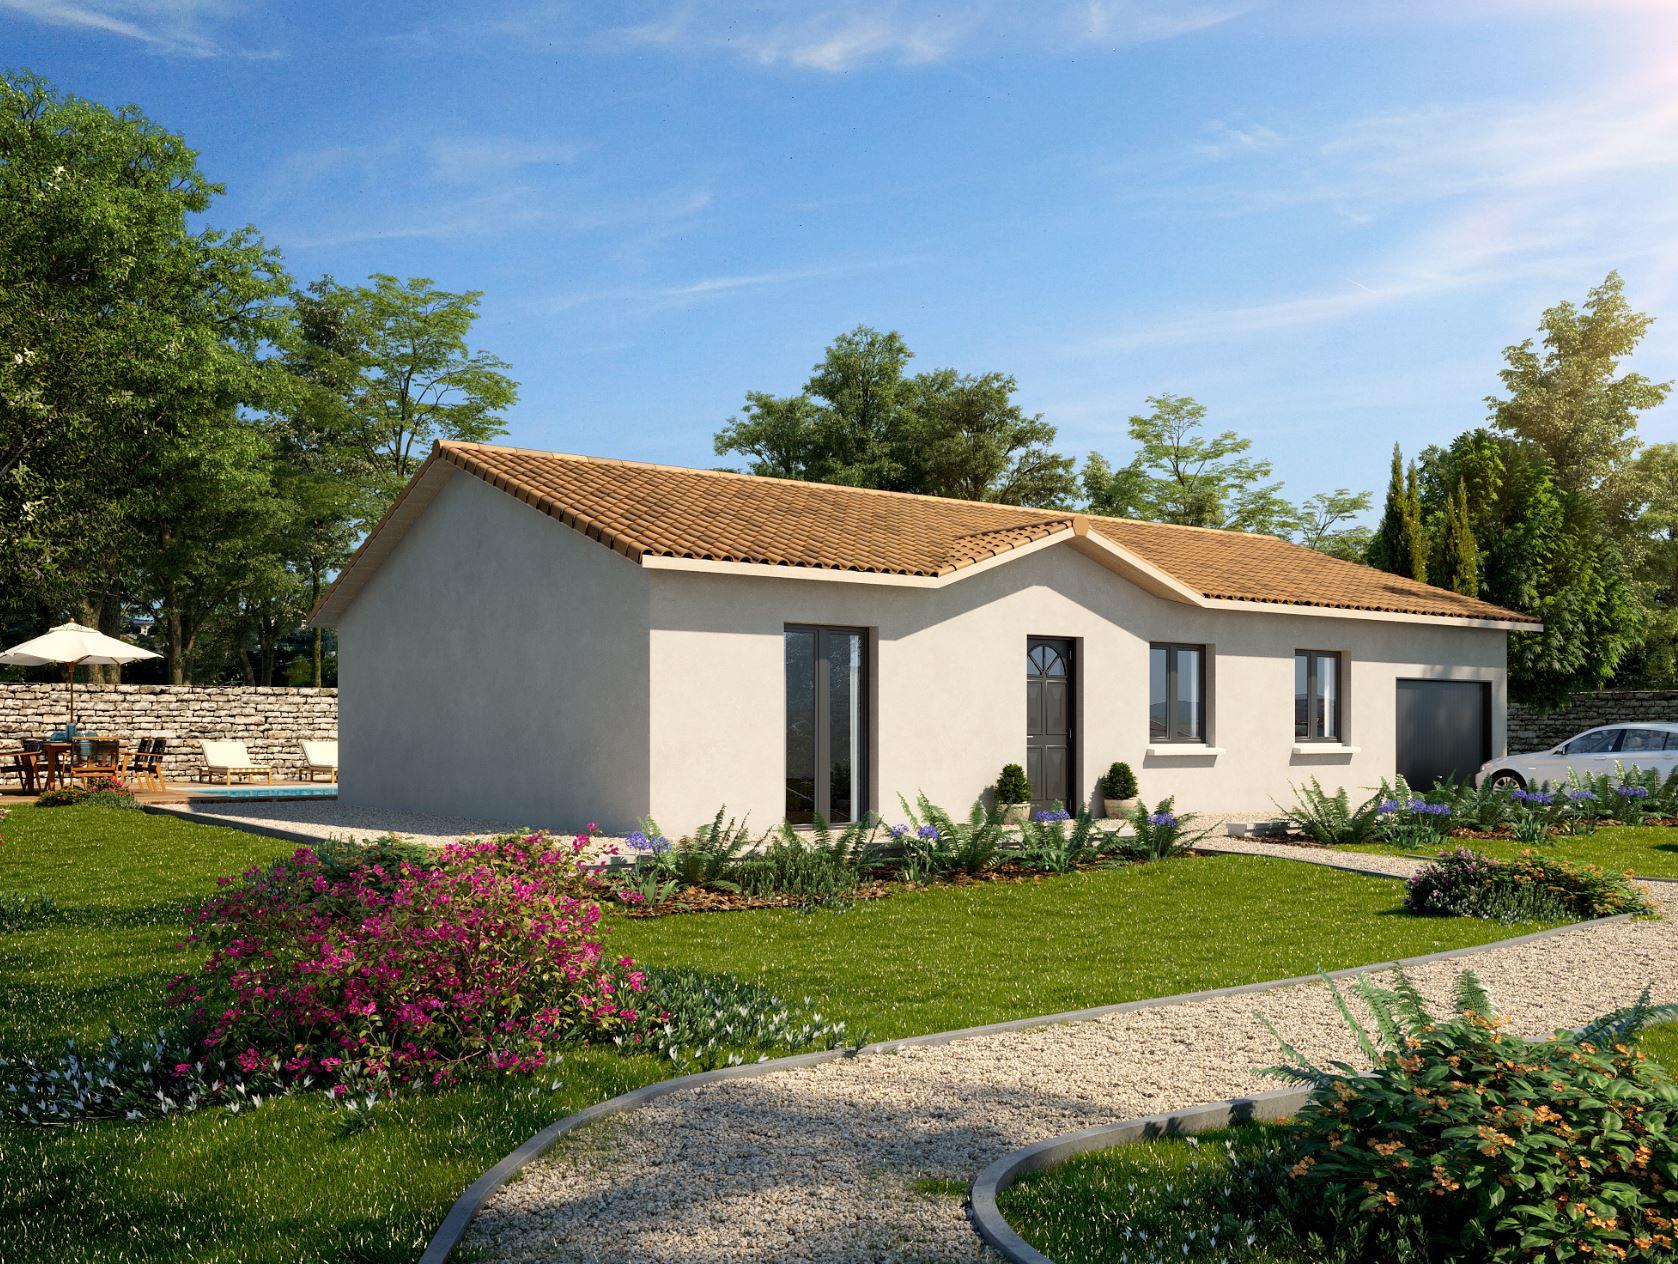 Maisons + Terrains du constructeur MAISONS PUNCH • 91 m² • TOURNUS